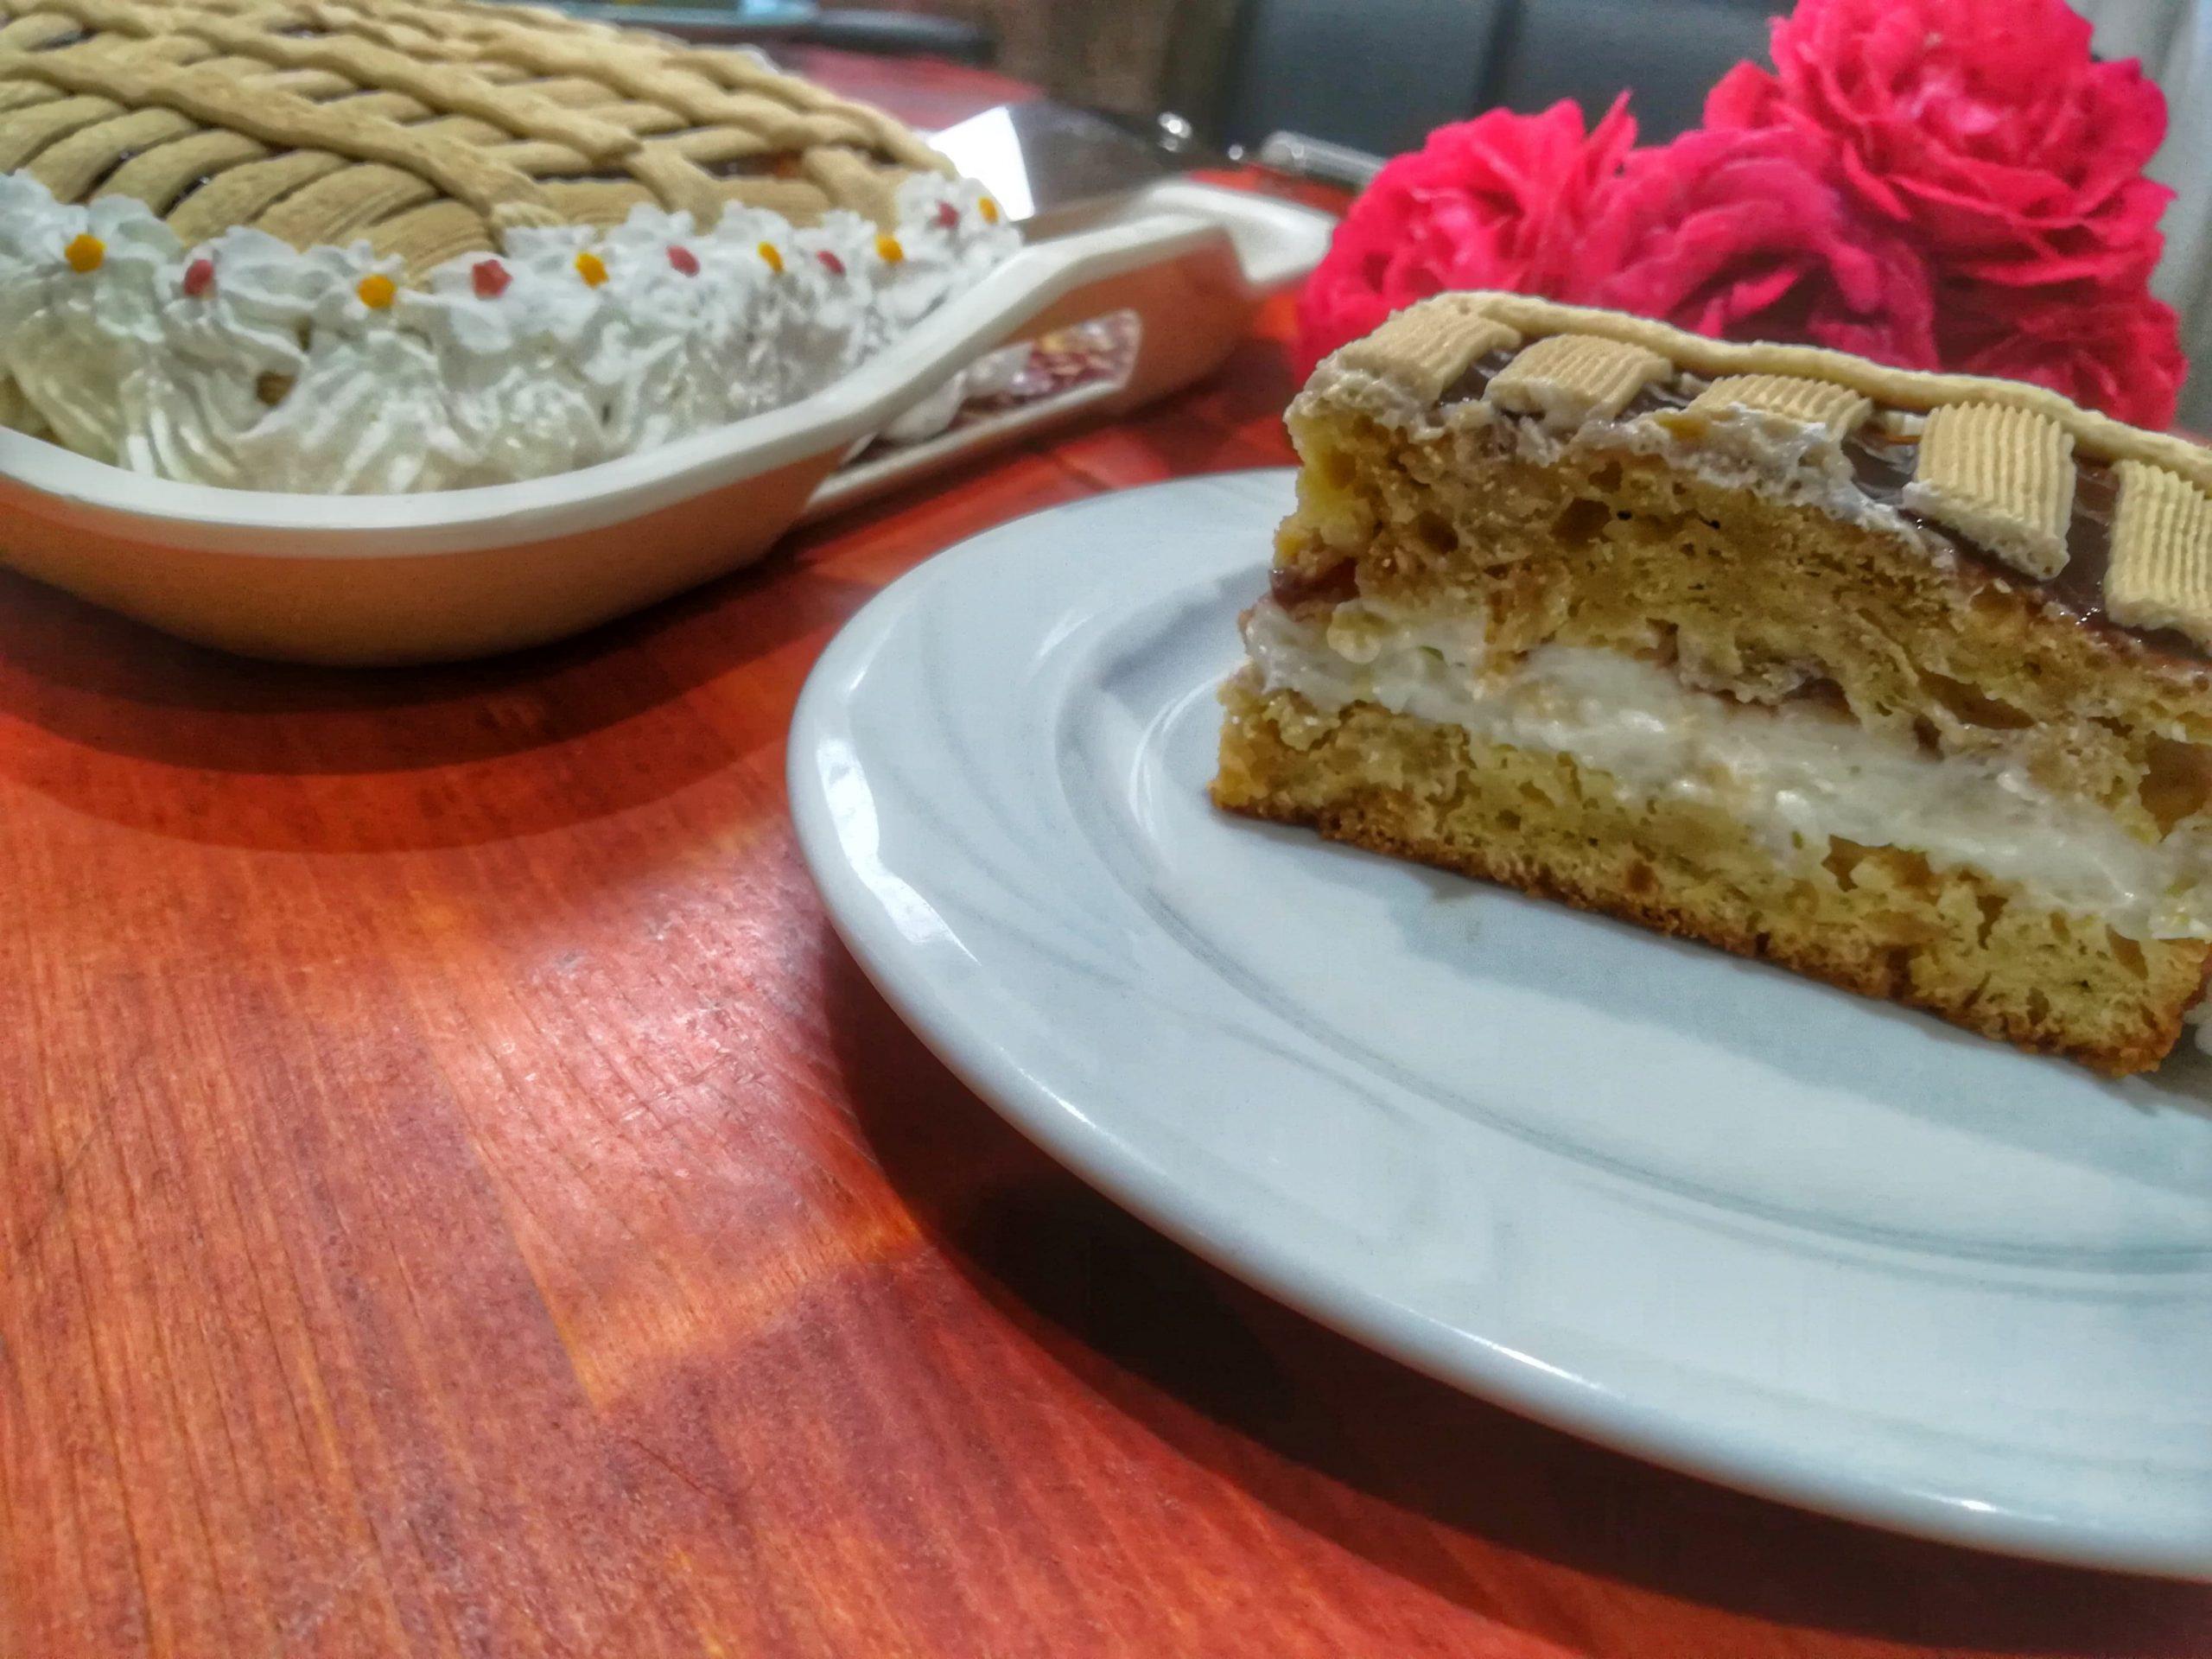 Rețetă prăjitură cu caise, cremă de lapte și mascarpone